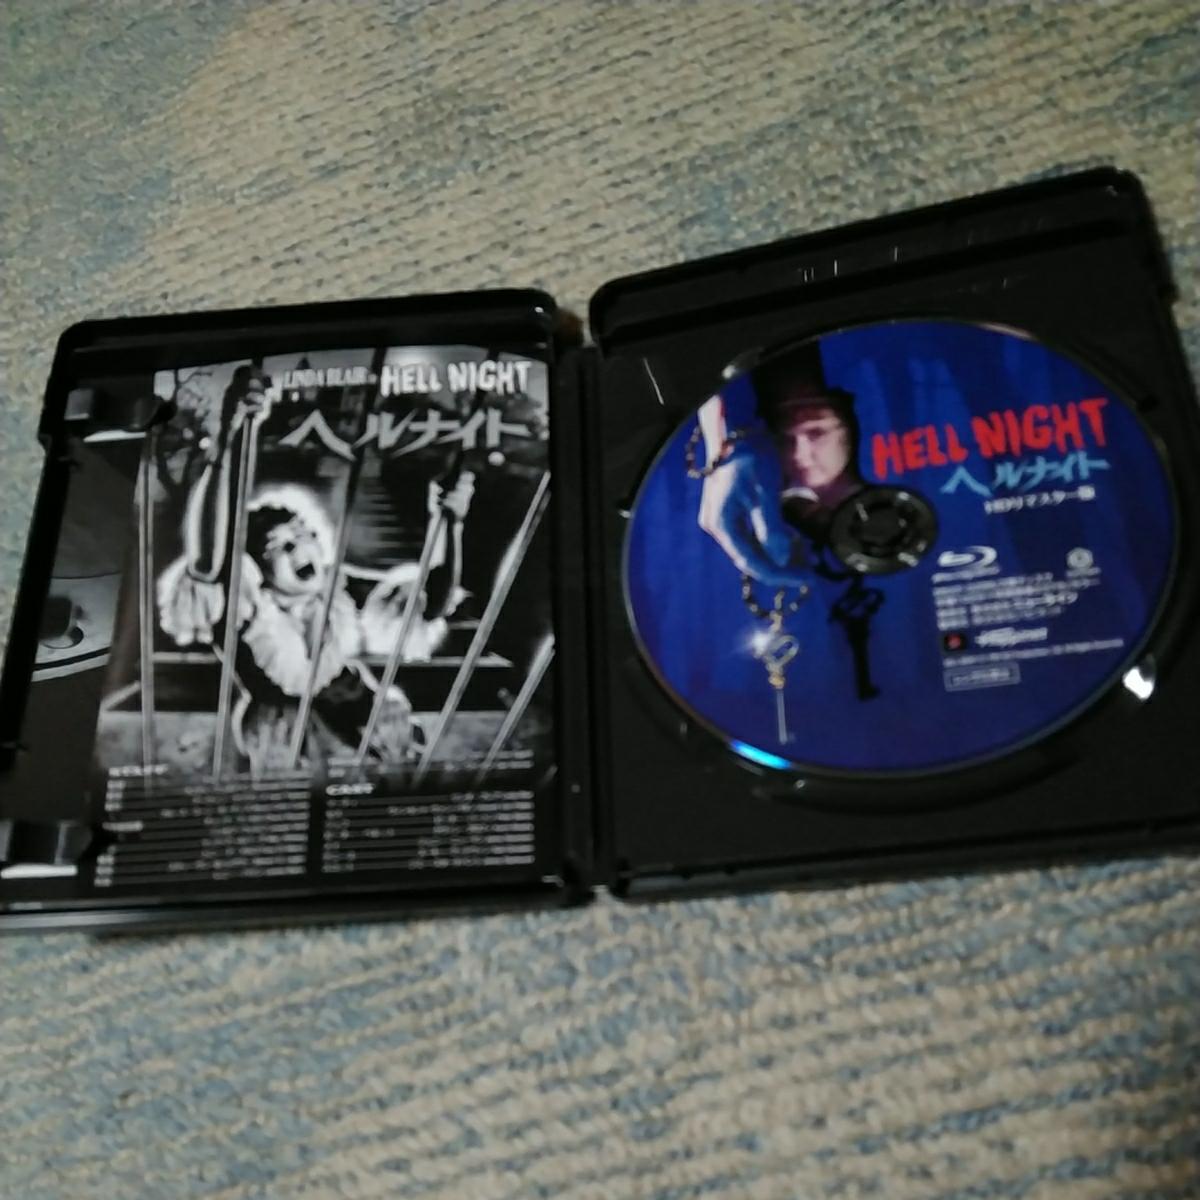 ヘルナイト HDリマスター版 Blu-ray  日本語吹替修論  リンダブレア_画像2